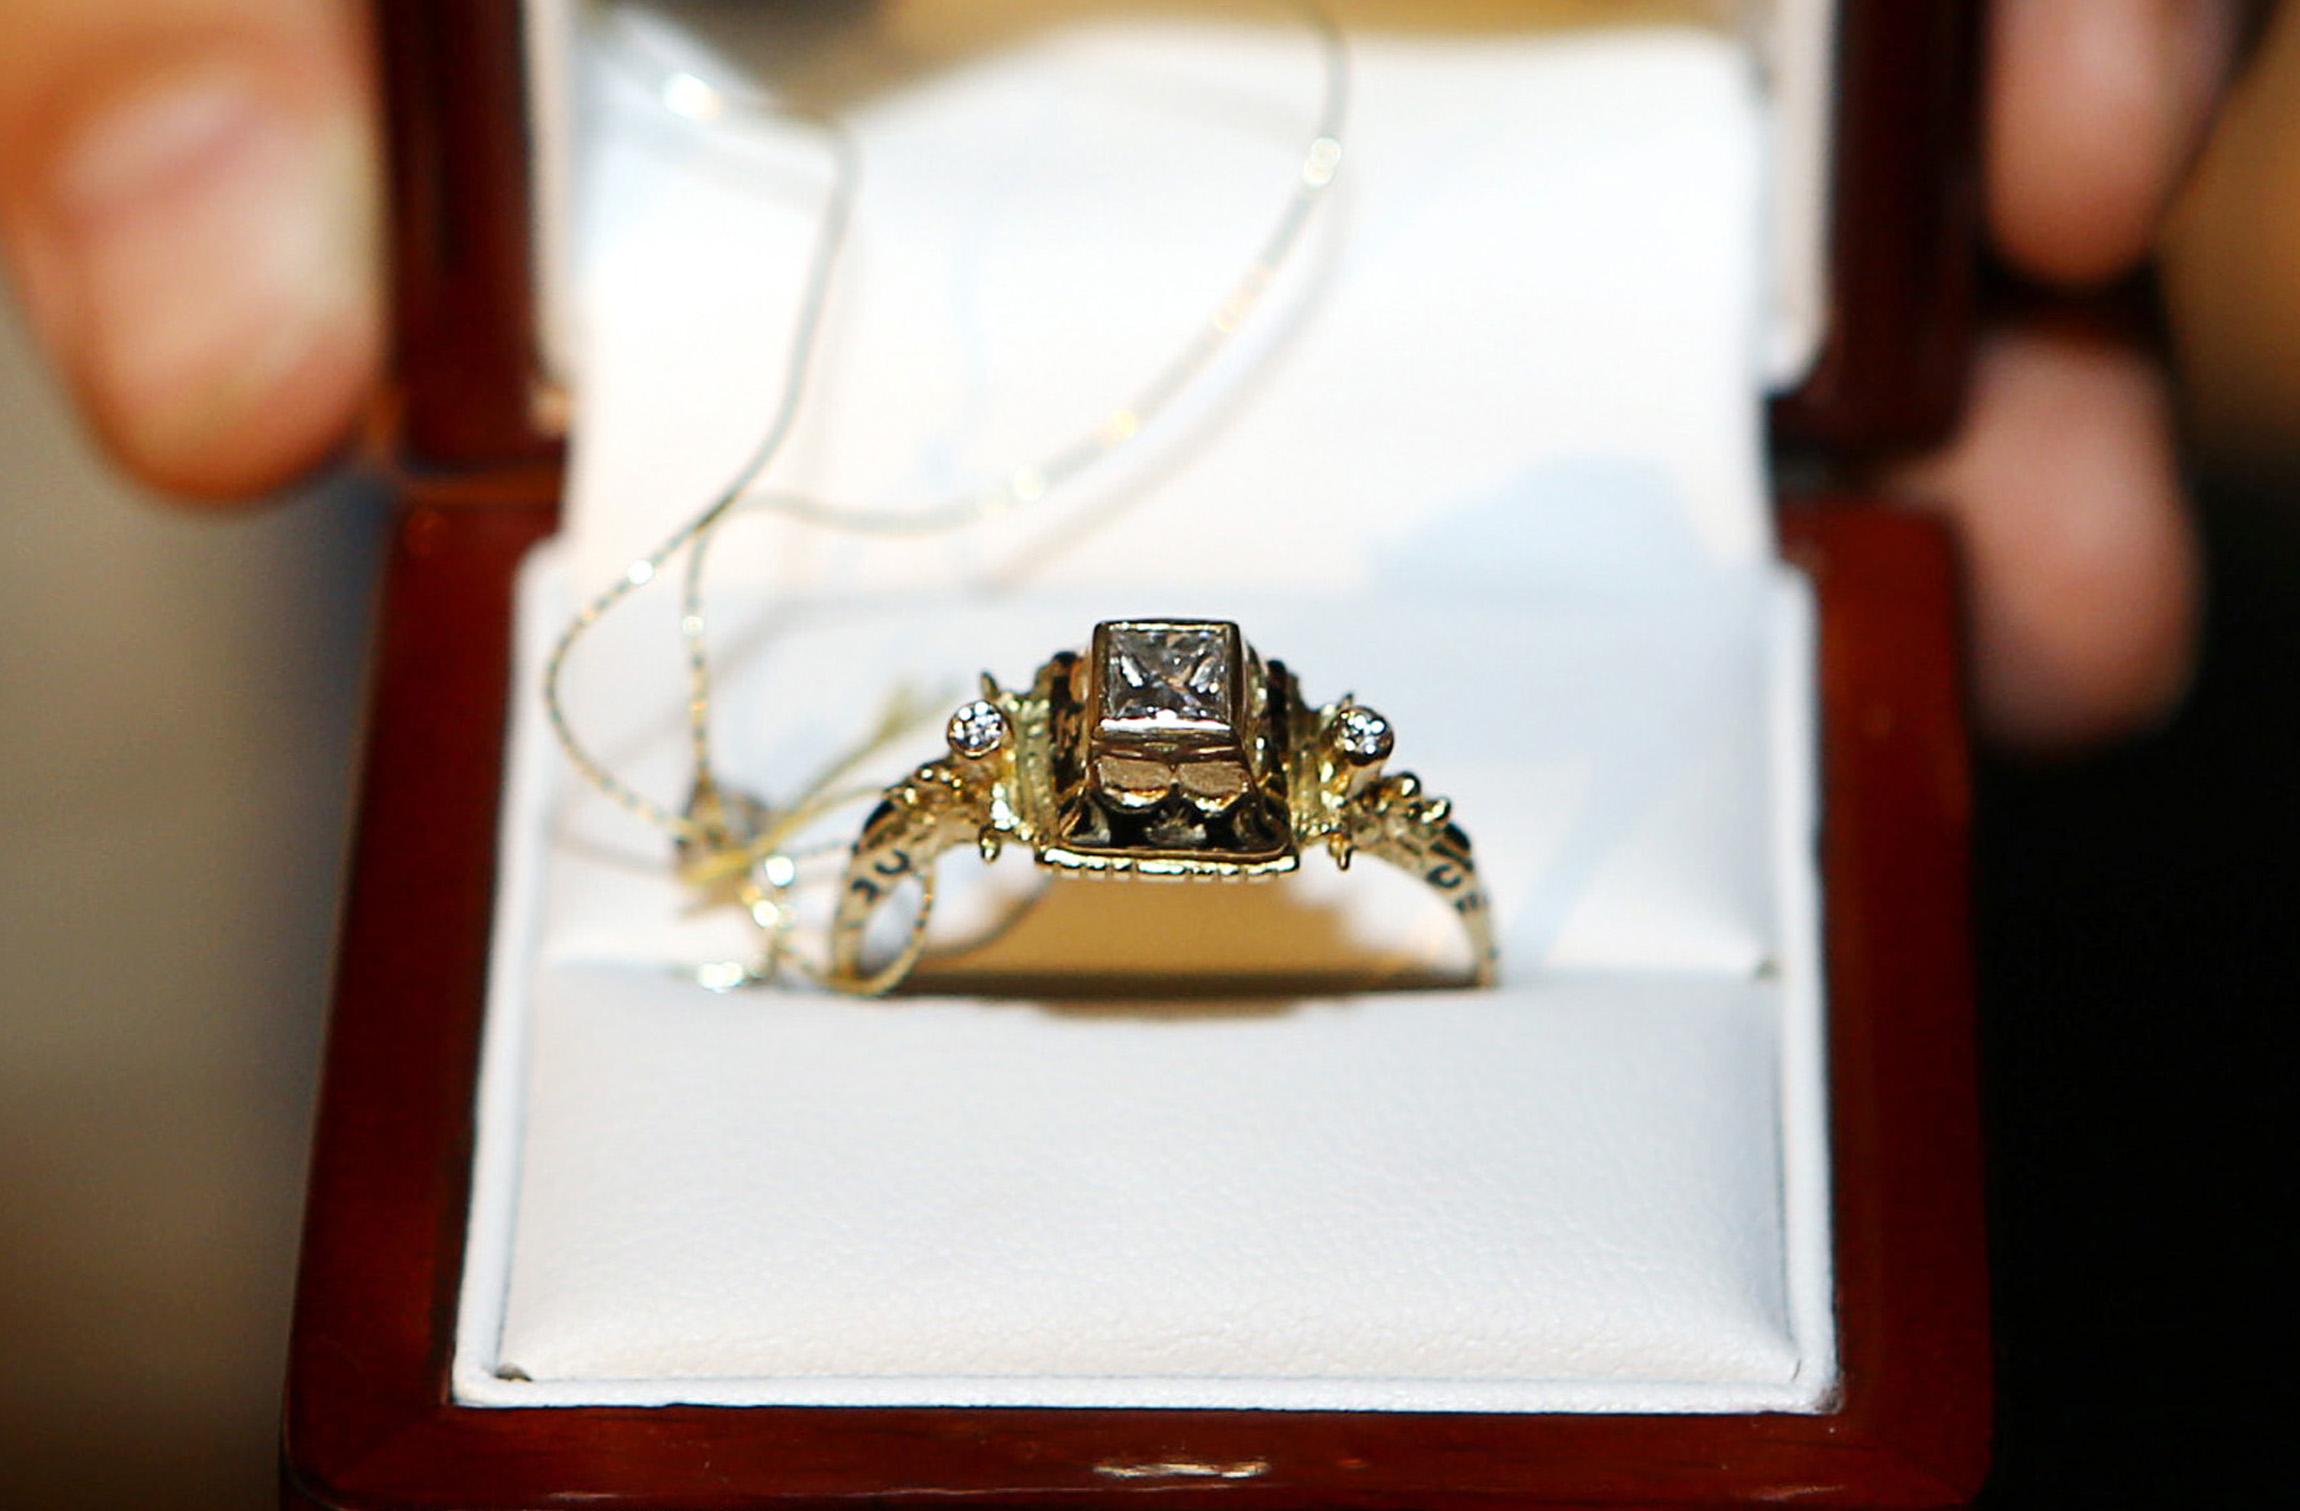 Auksinis žiedas, pagamintas pagal renesansinio žiedo, saugomo Mažosios Lietuvos istorijos muziejuje, pavyzdį. | V. Liaudanskio nuotr.